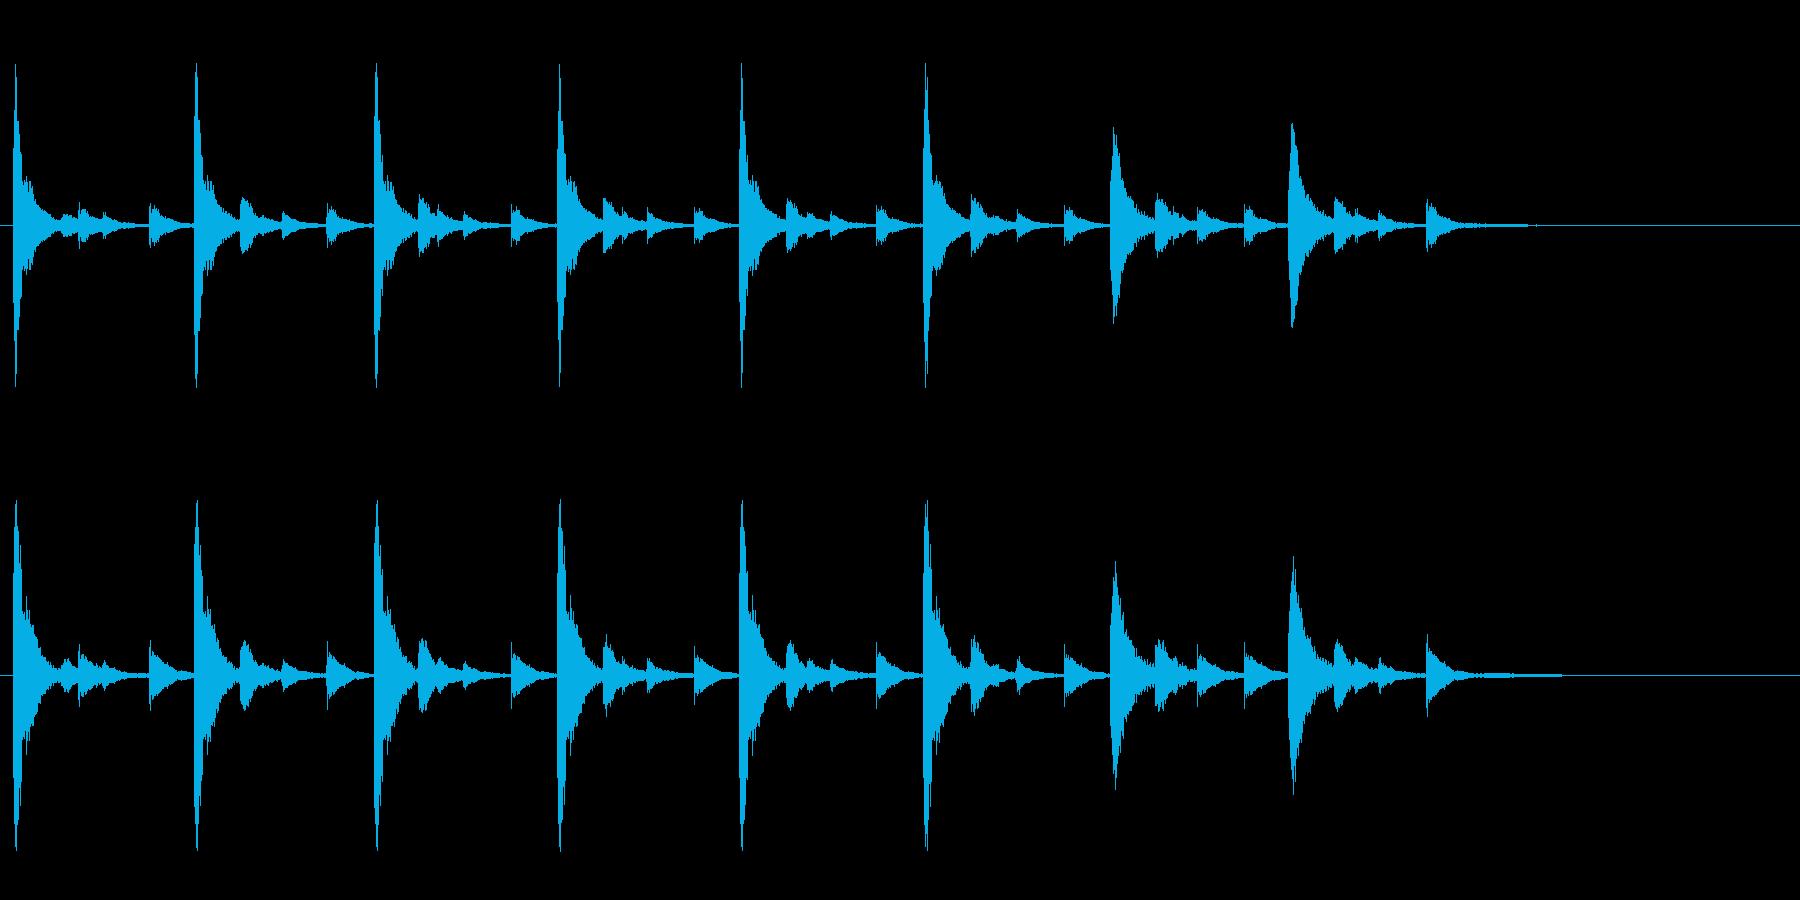 お祭りやお囃子の当たり鉦のフレーズ音の再生済みの波形